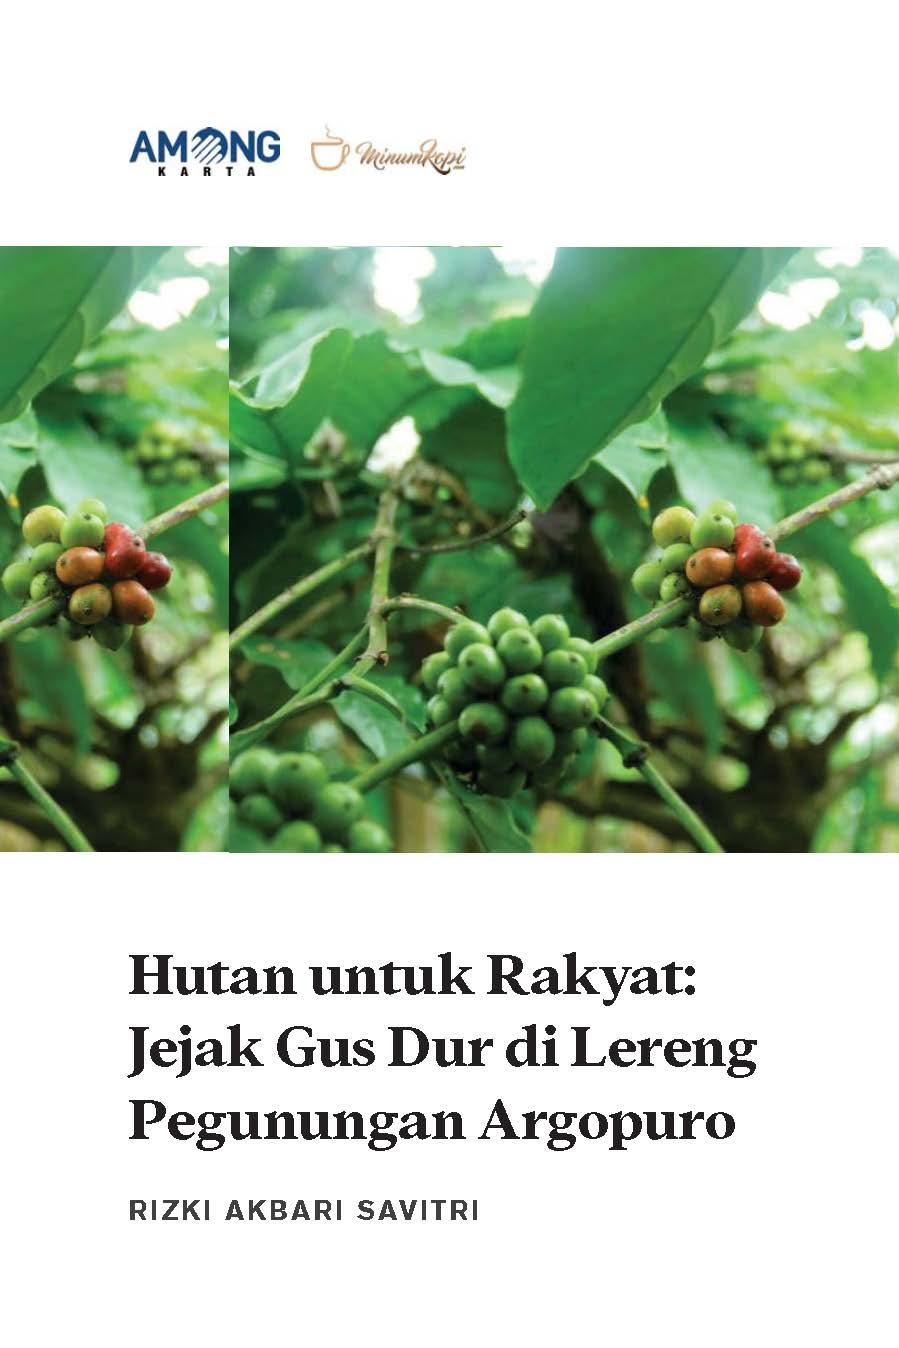 Hutan untuk rakyat [sumber elektronis] : jejak Gus Dur di lereng pegunungan Argopuro